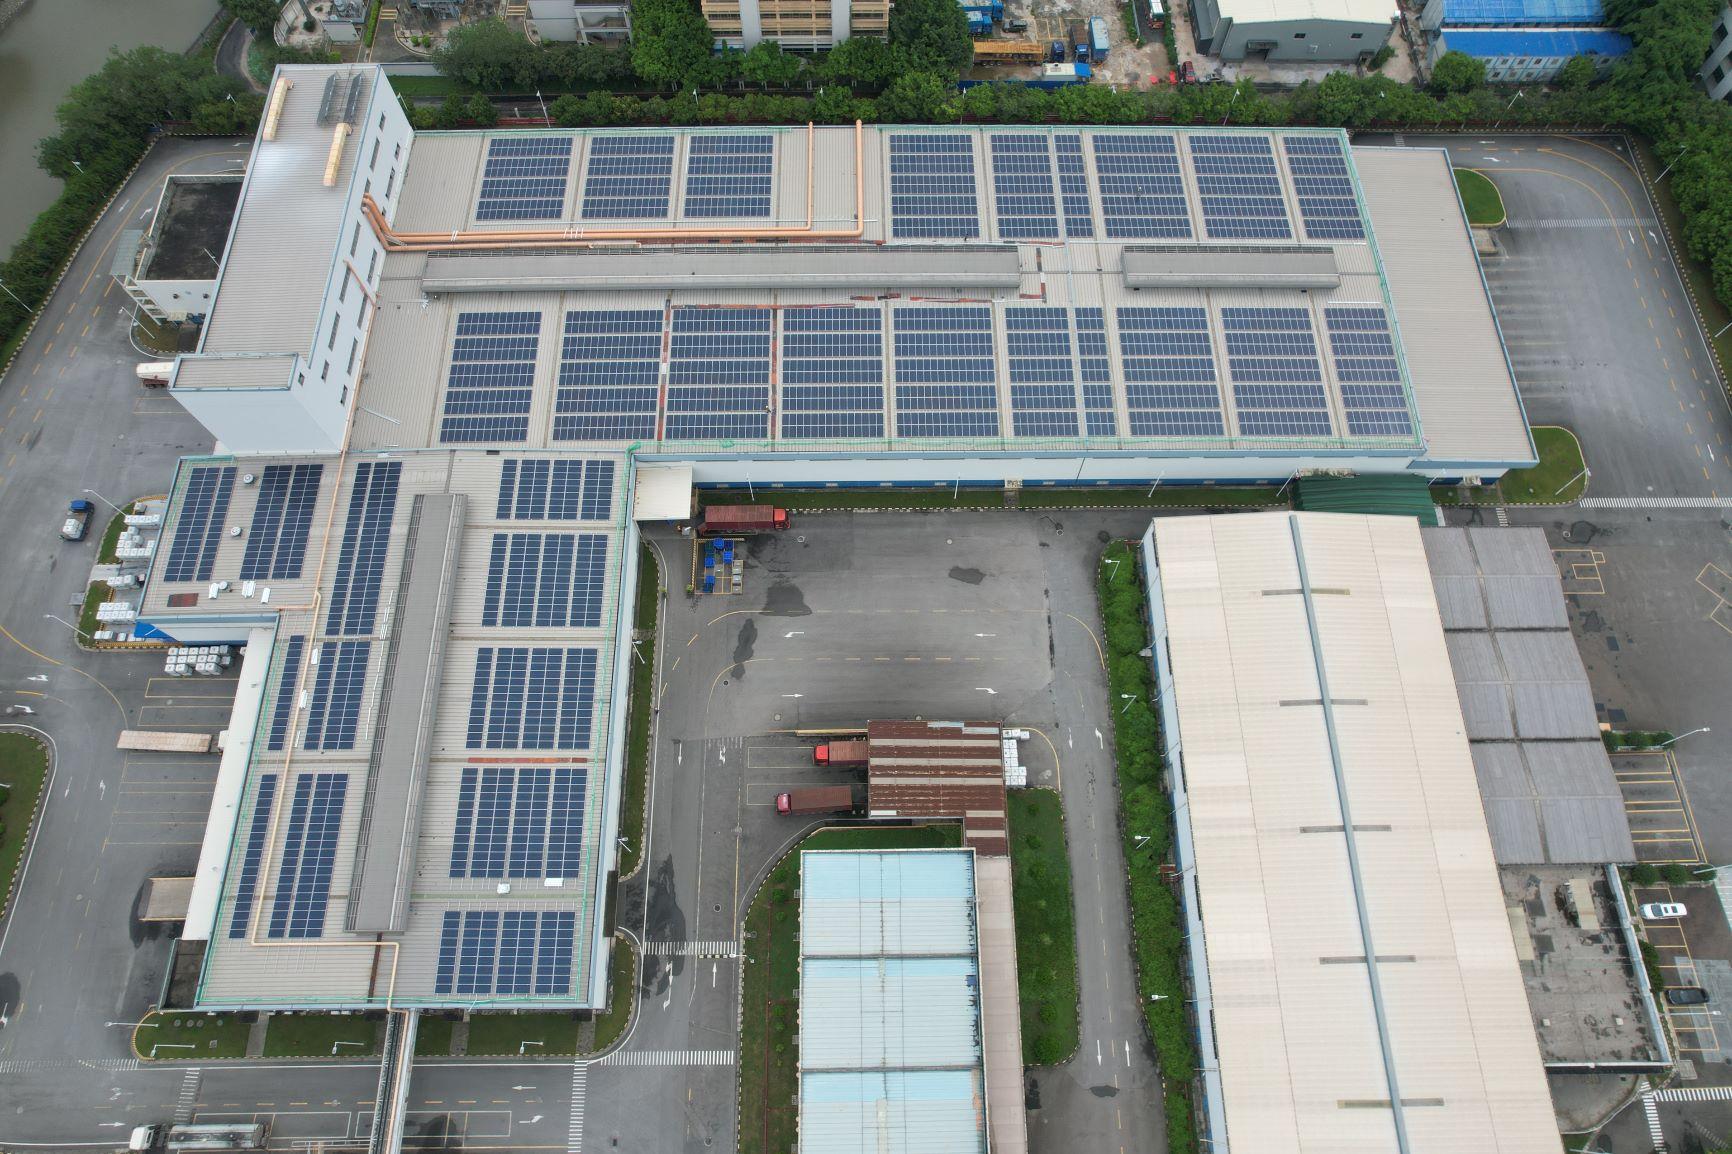 akzonobel_guangzhou_solar_panels